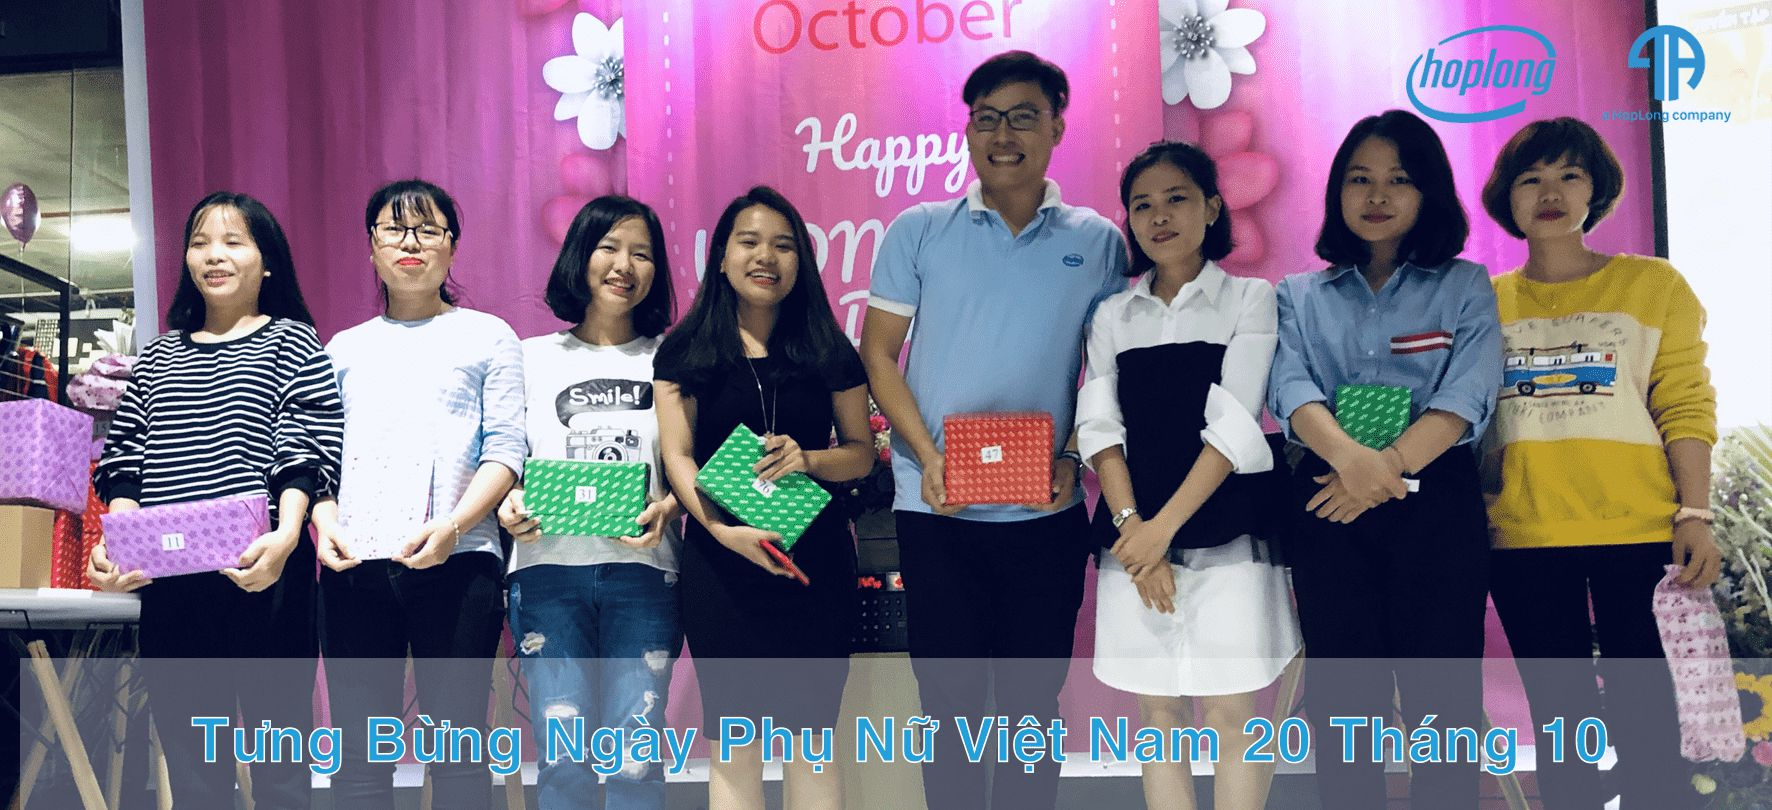 Tưng Bừng Ngày Phụ Nữ Việt Nam 20 Tháng 10